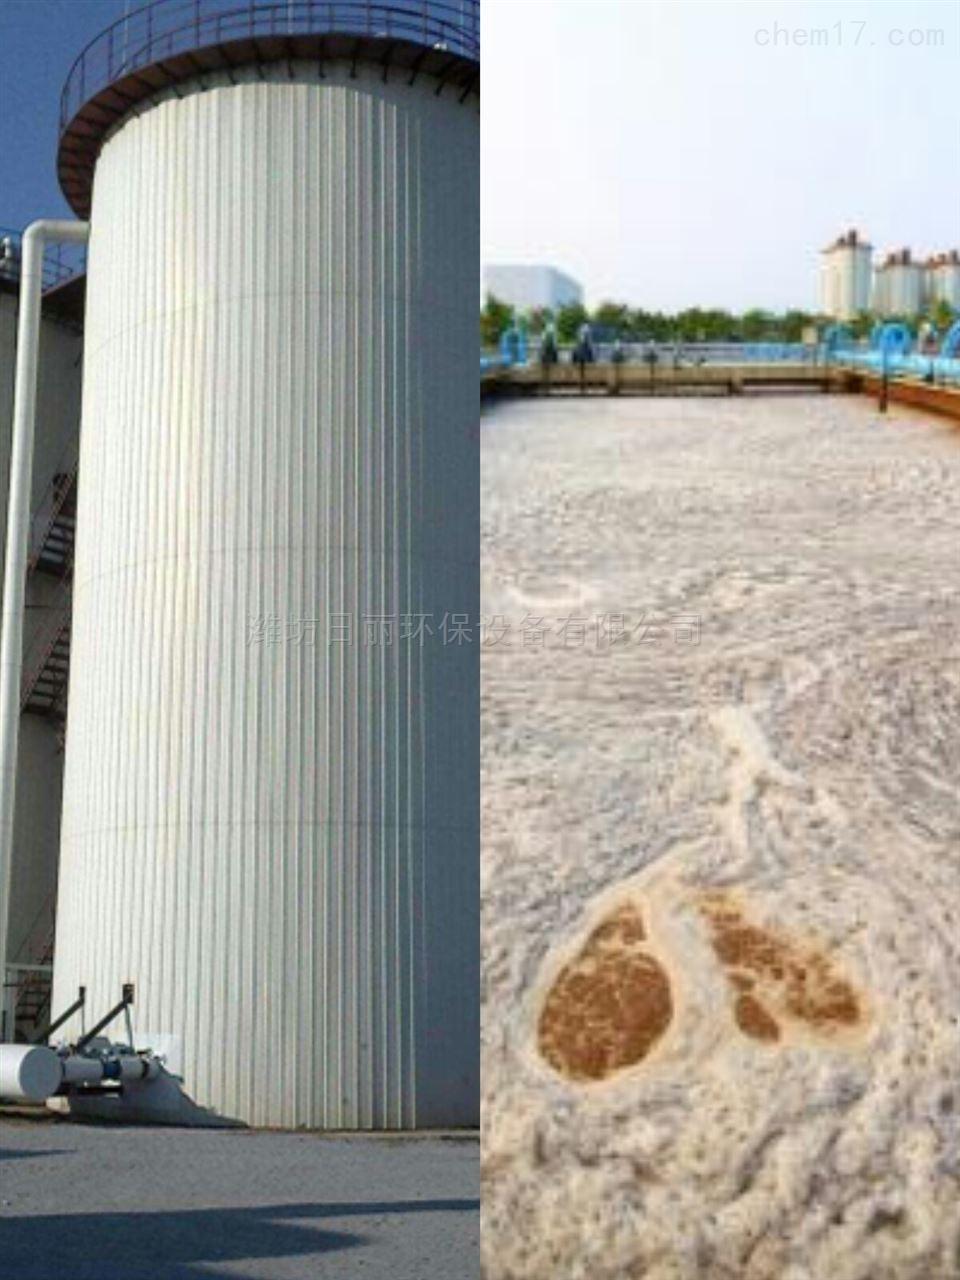 福建省制药污水处理设备RL-IC厌氧反应器